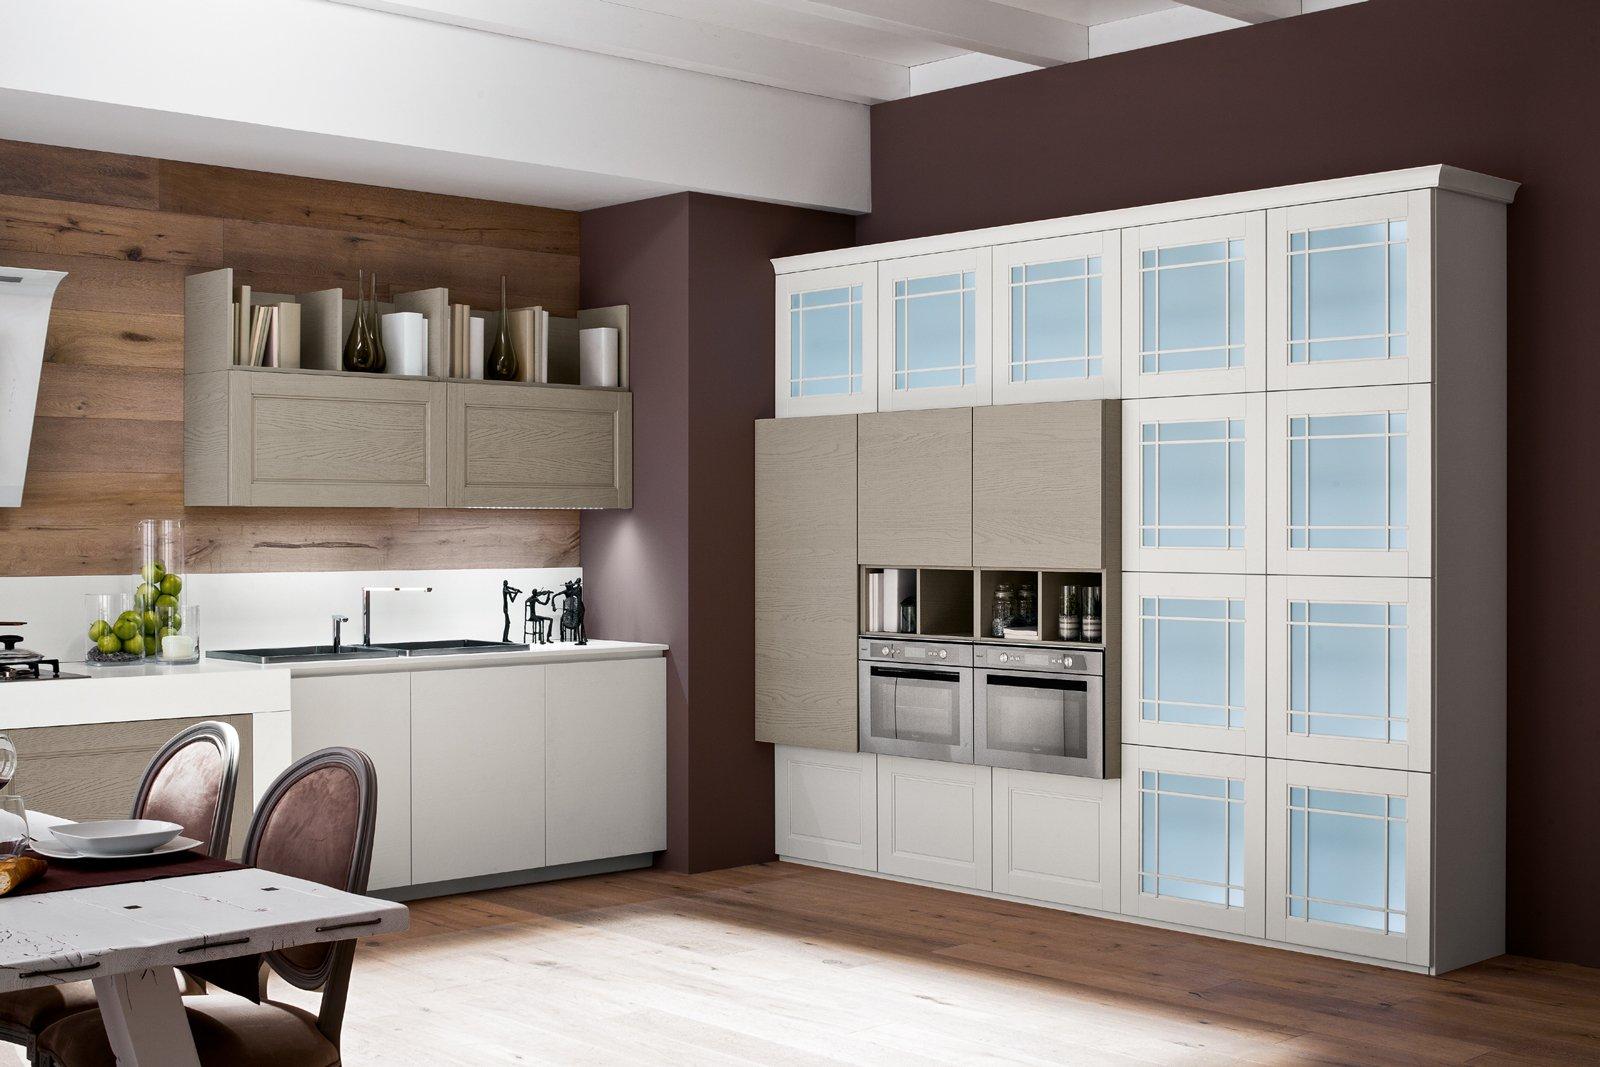 Cucina con vetrina soprattutto classica o in stile industriale cose di casa - Cucine con vetrate ...